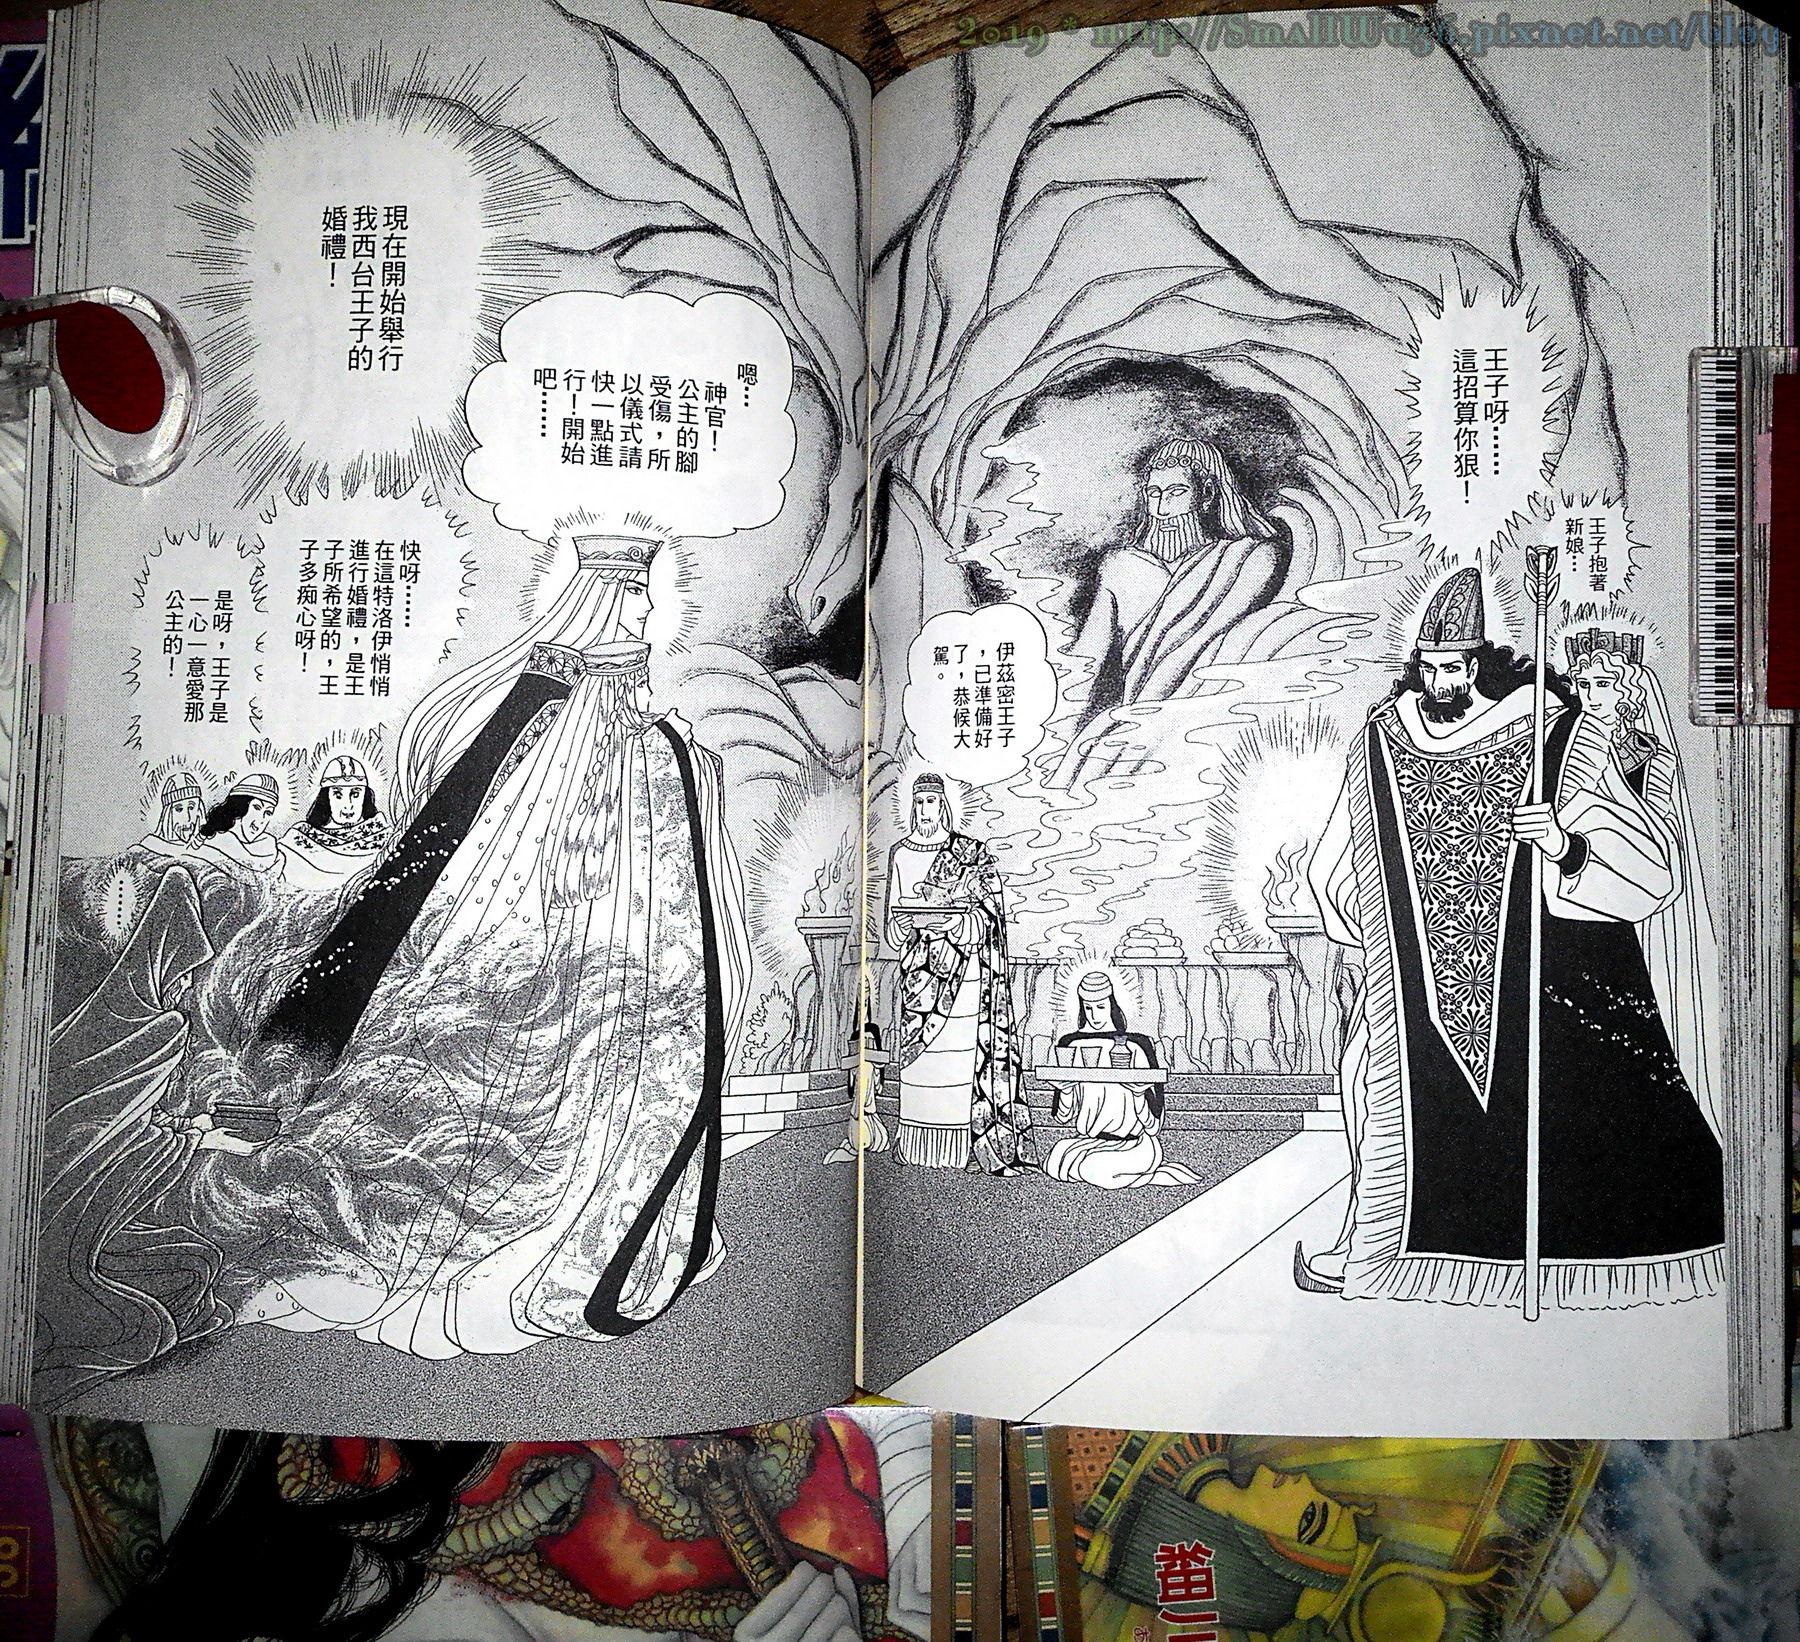 細川智榮子-王家的紋章(尼羅河女兒) 39-44 (長鴻)  vol_41.jpg